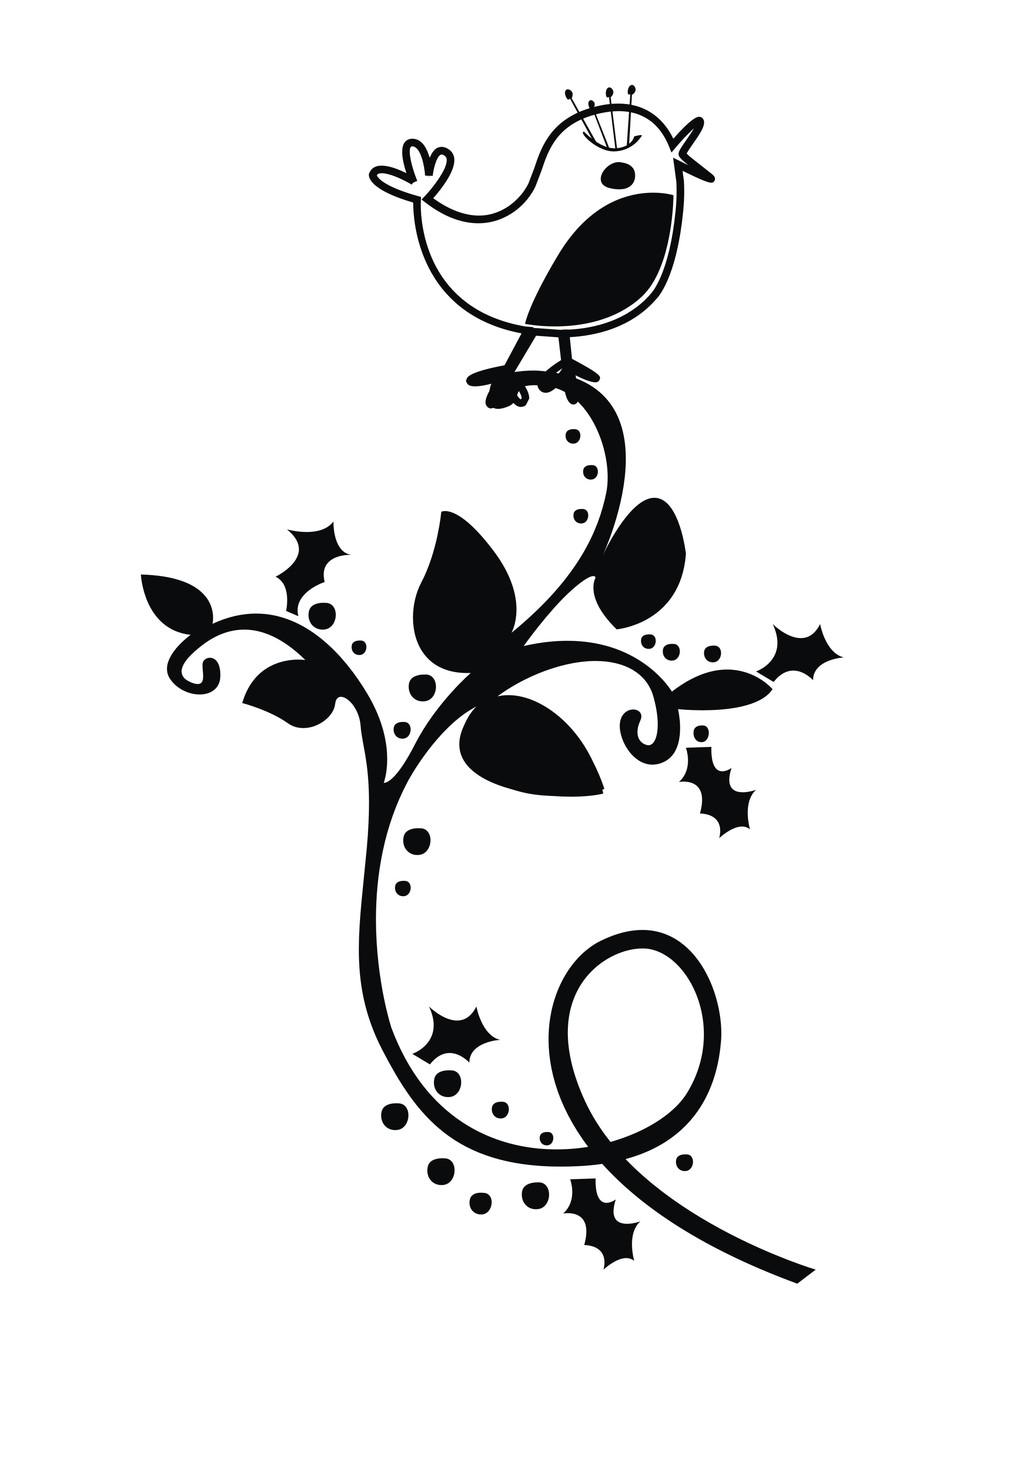 卡通动物简笔画鸟植物下载 卡通动物简笔画鸟植物图片素材其他格式模